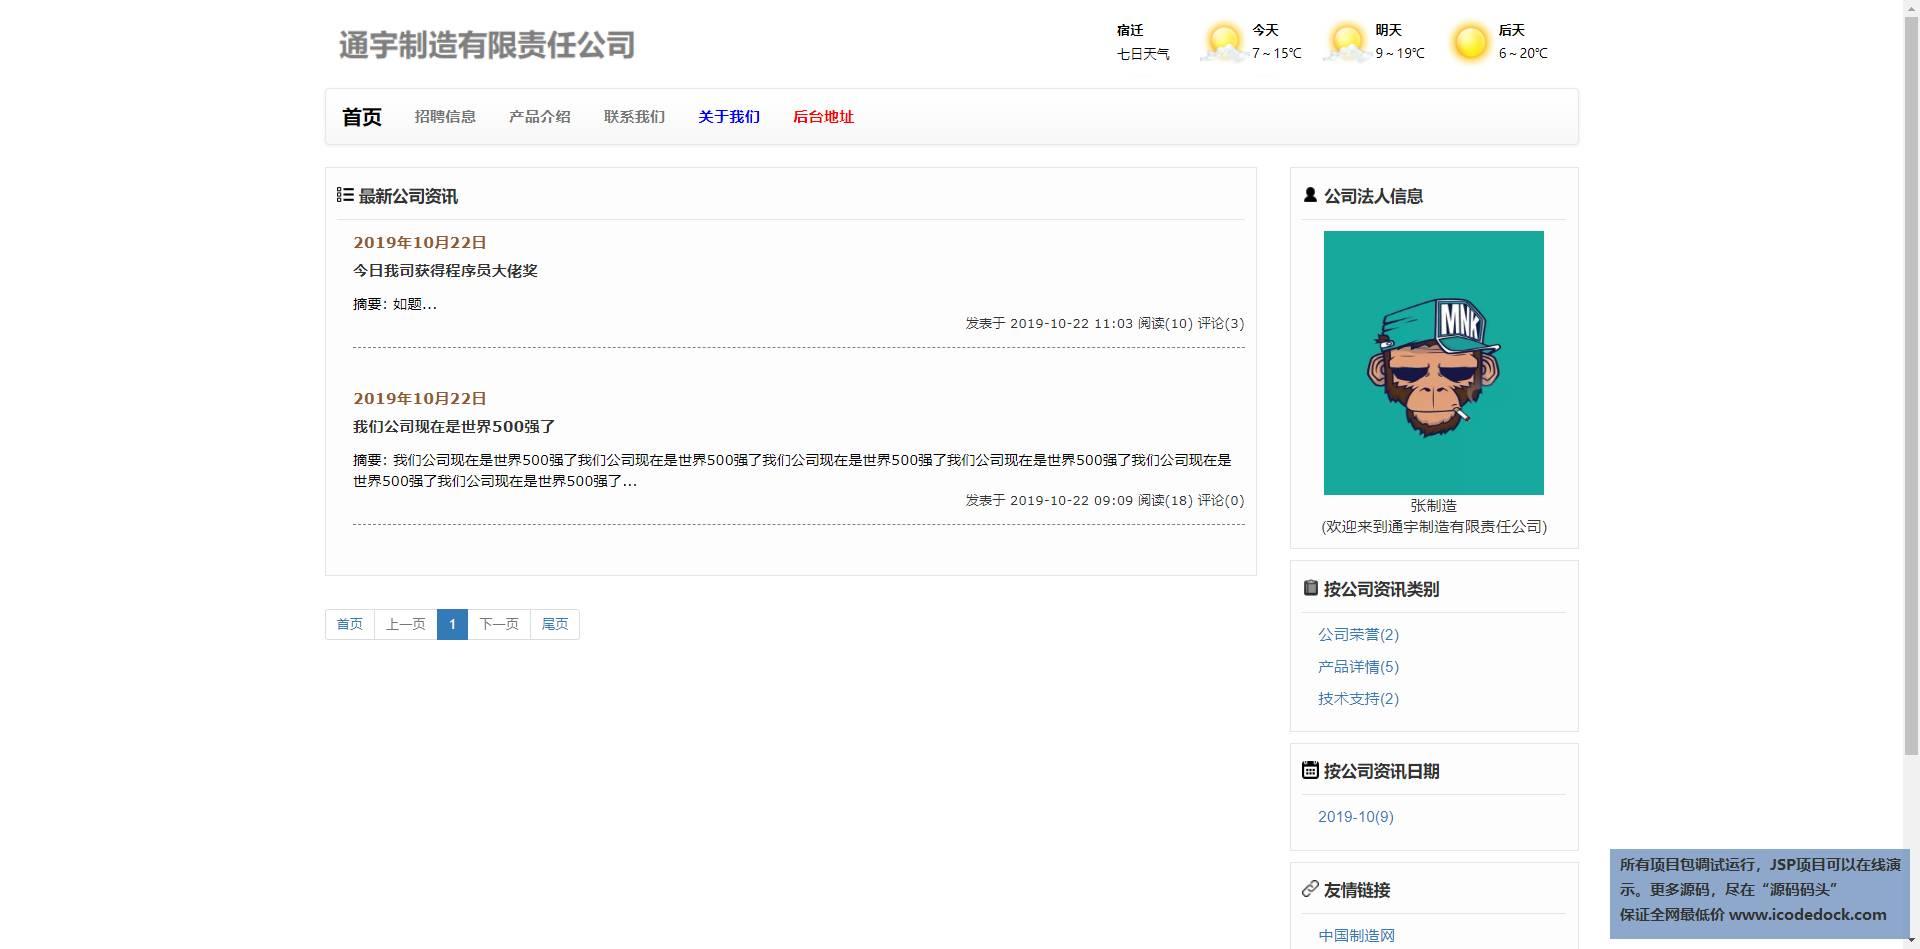 源码码头-SSM企业官方网站-用户角色-公司荣誉